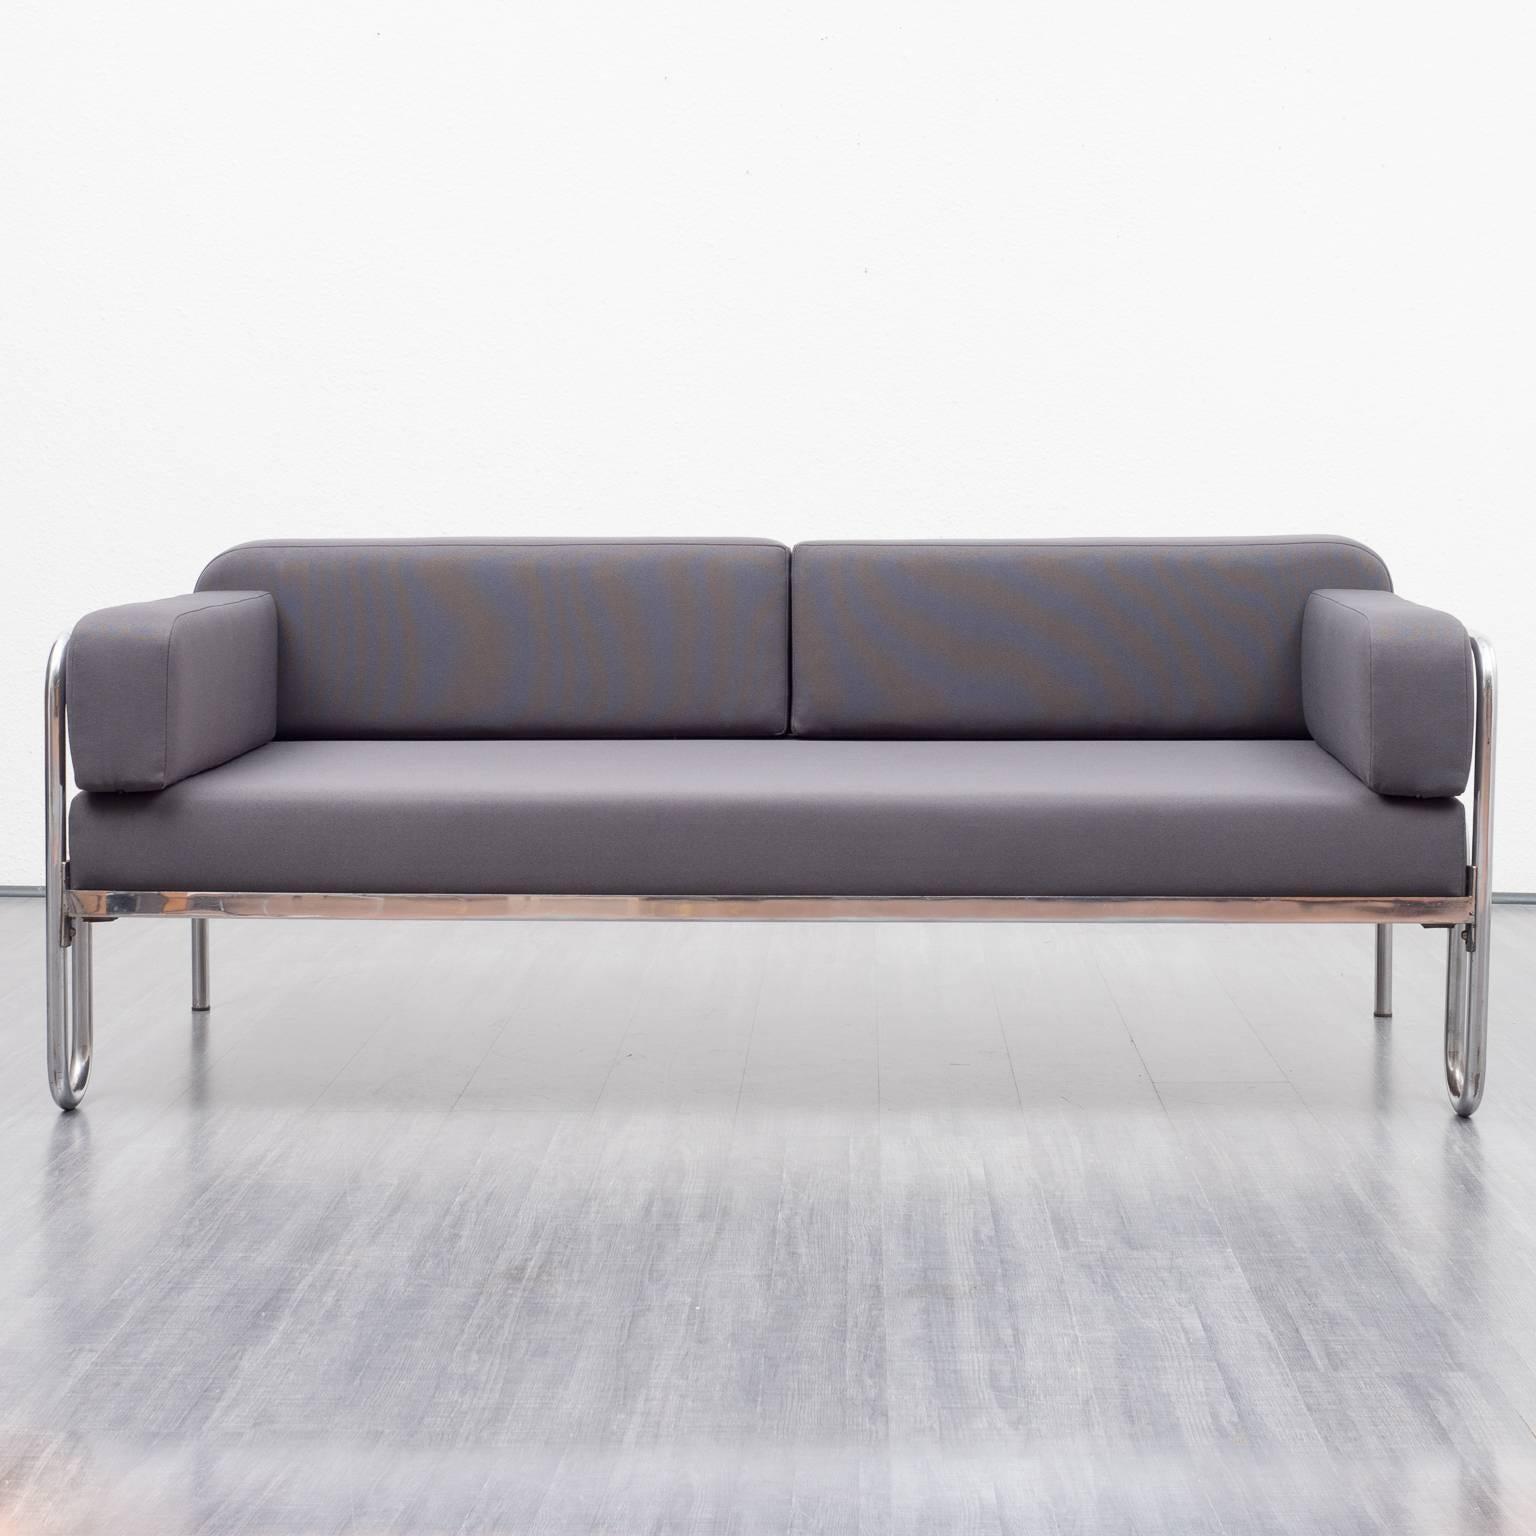 bauhaus karlsruhe bauhaus glashaus angebot gewchshaus hybrid with bauhaus karlsruhe drivein. Black Bedroom Furniture Sets. Home Design Ideas